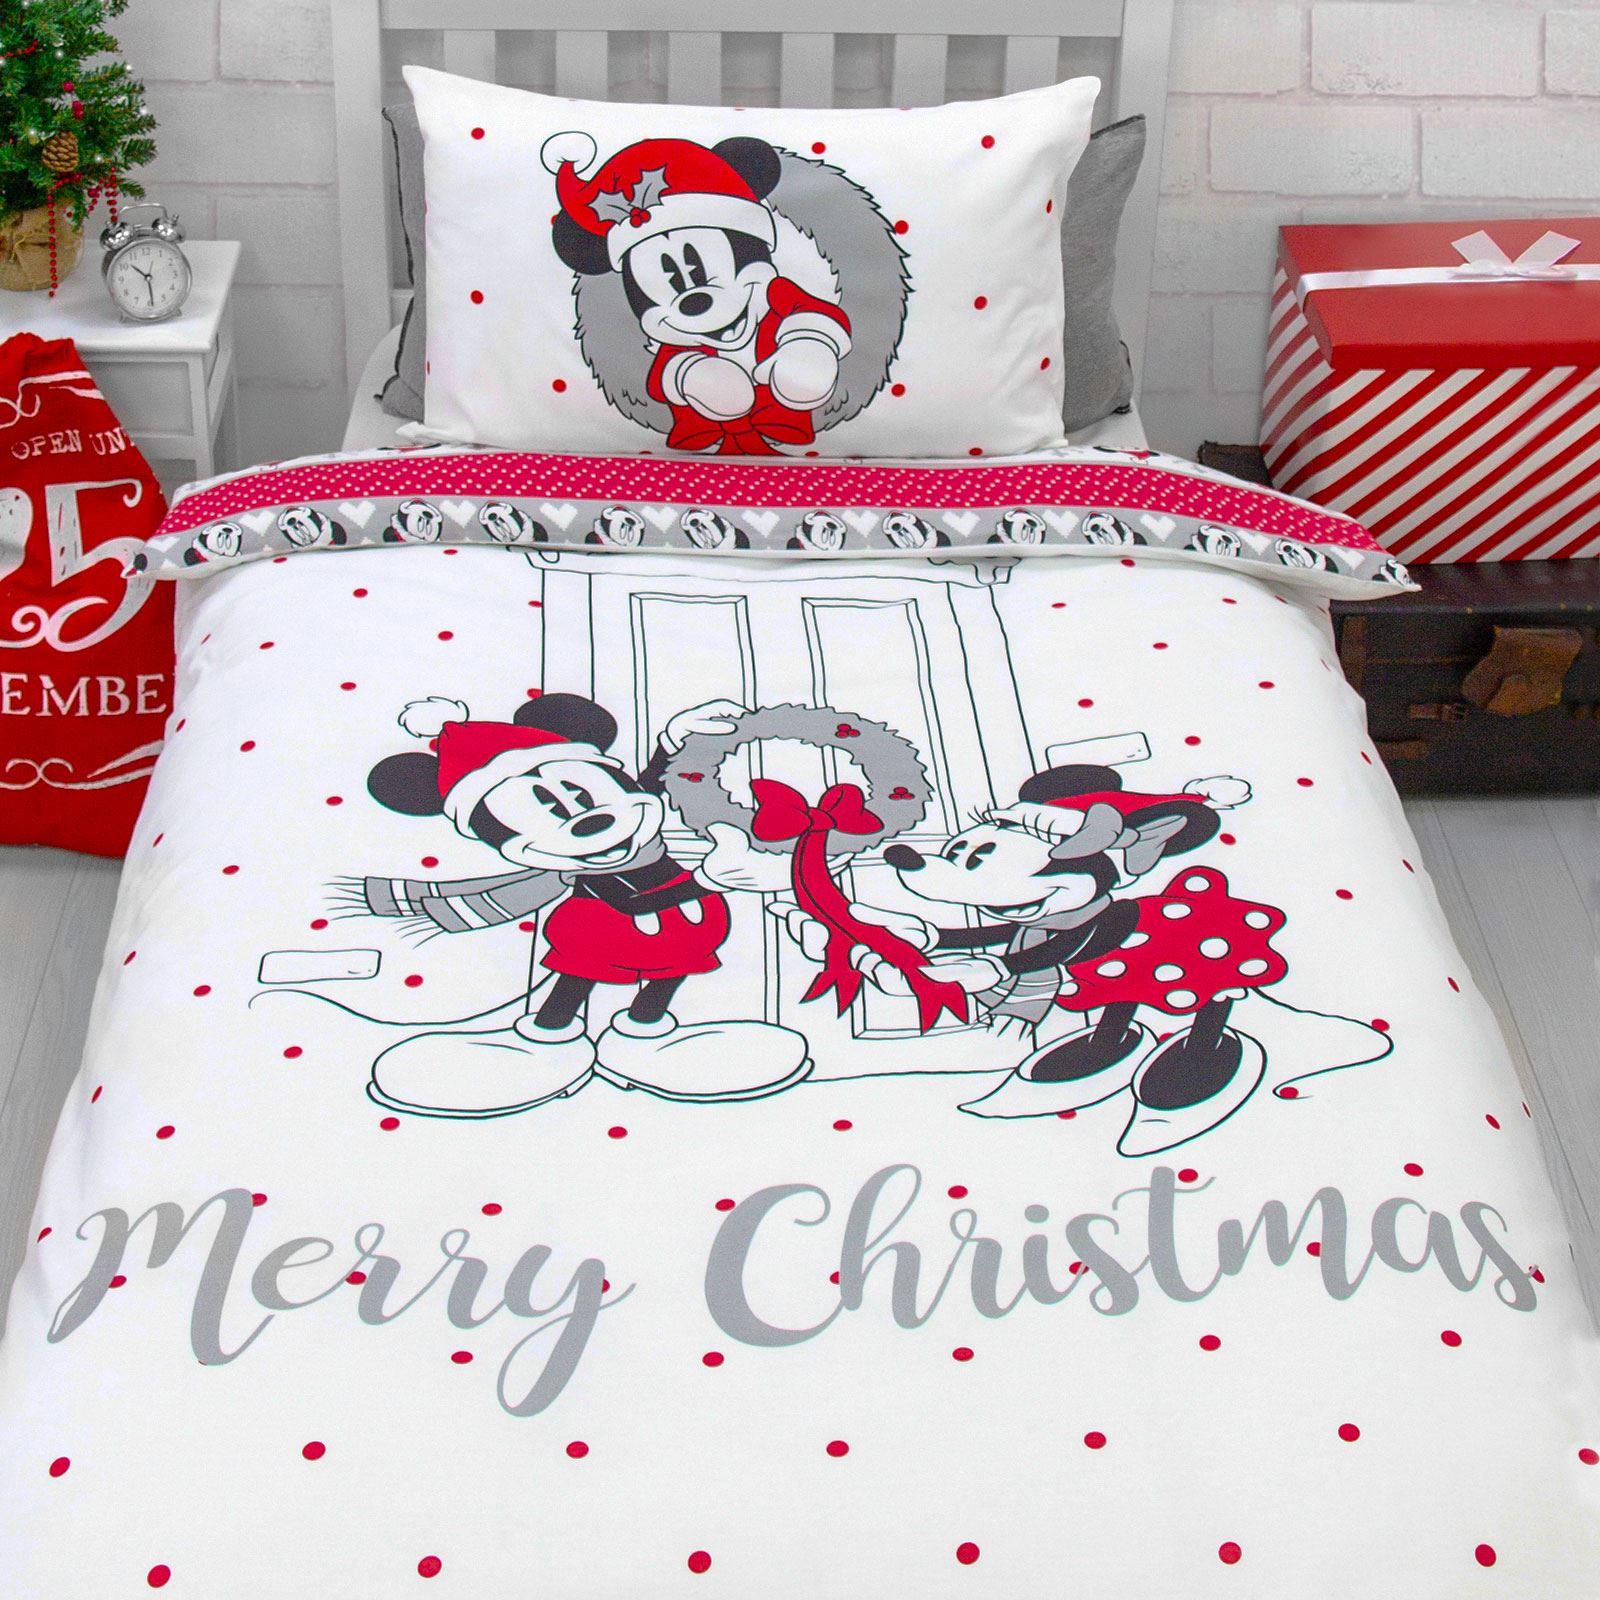 Indexbild 51 - Kinder Weihnachten Bettbezug Sets - Junior Einzel Doppel King - Elf Emoji Grinch